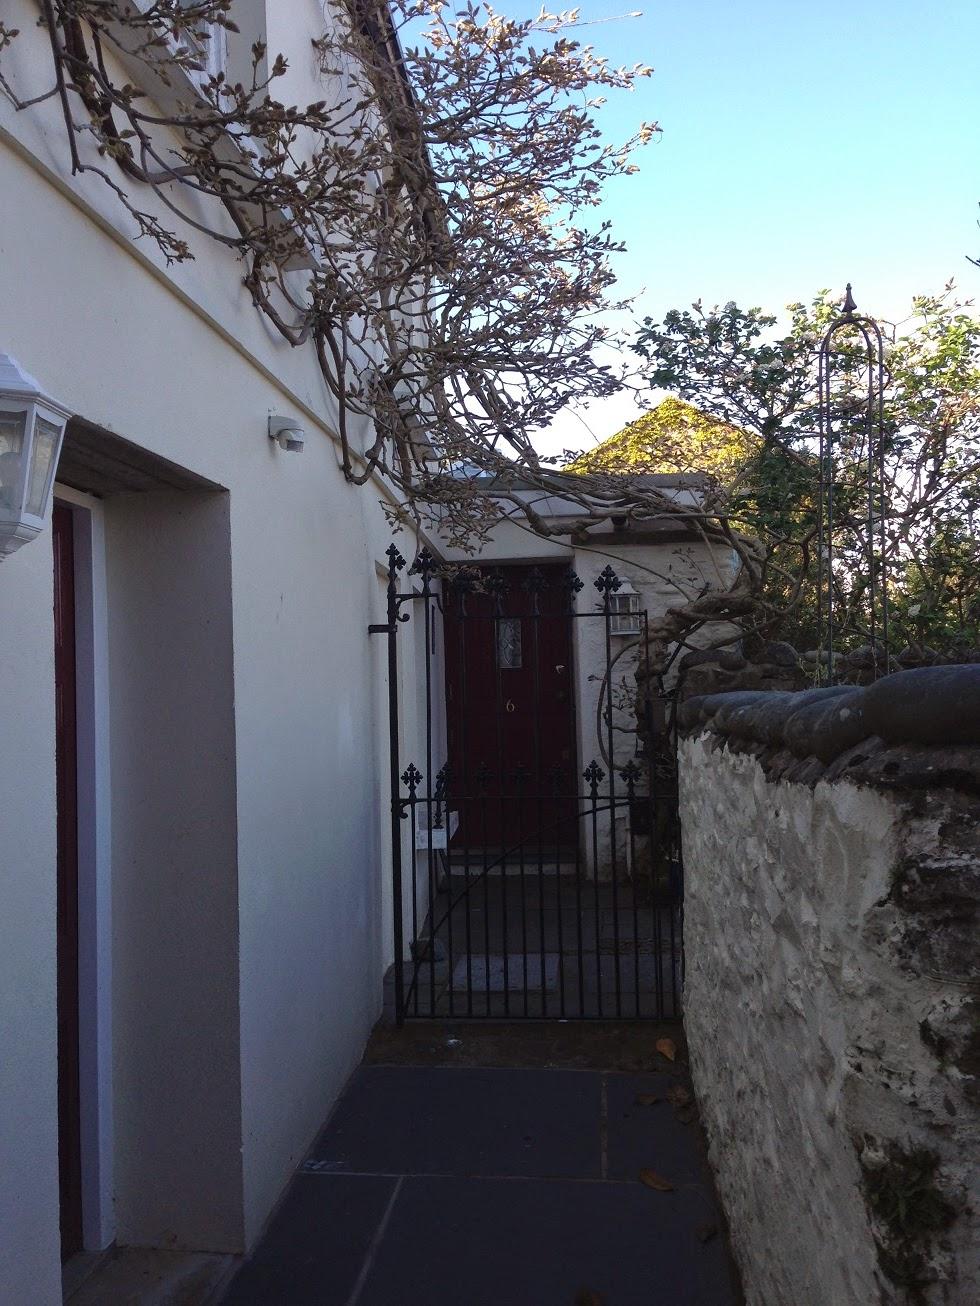 Gate and door, Appledore, Devon